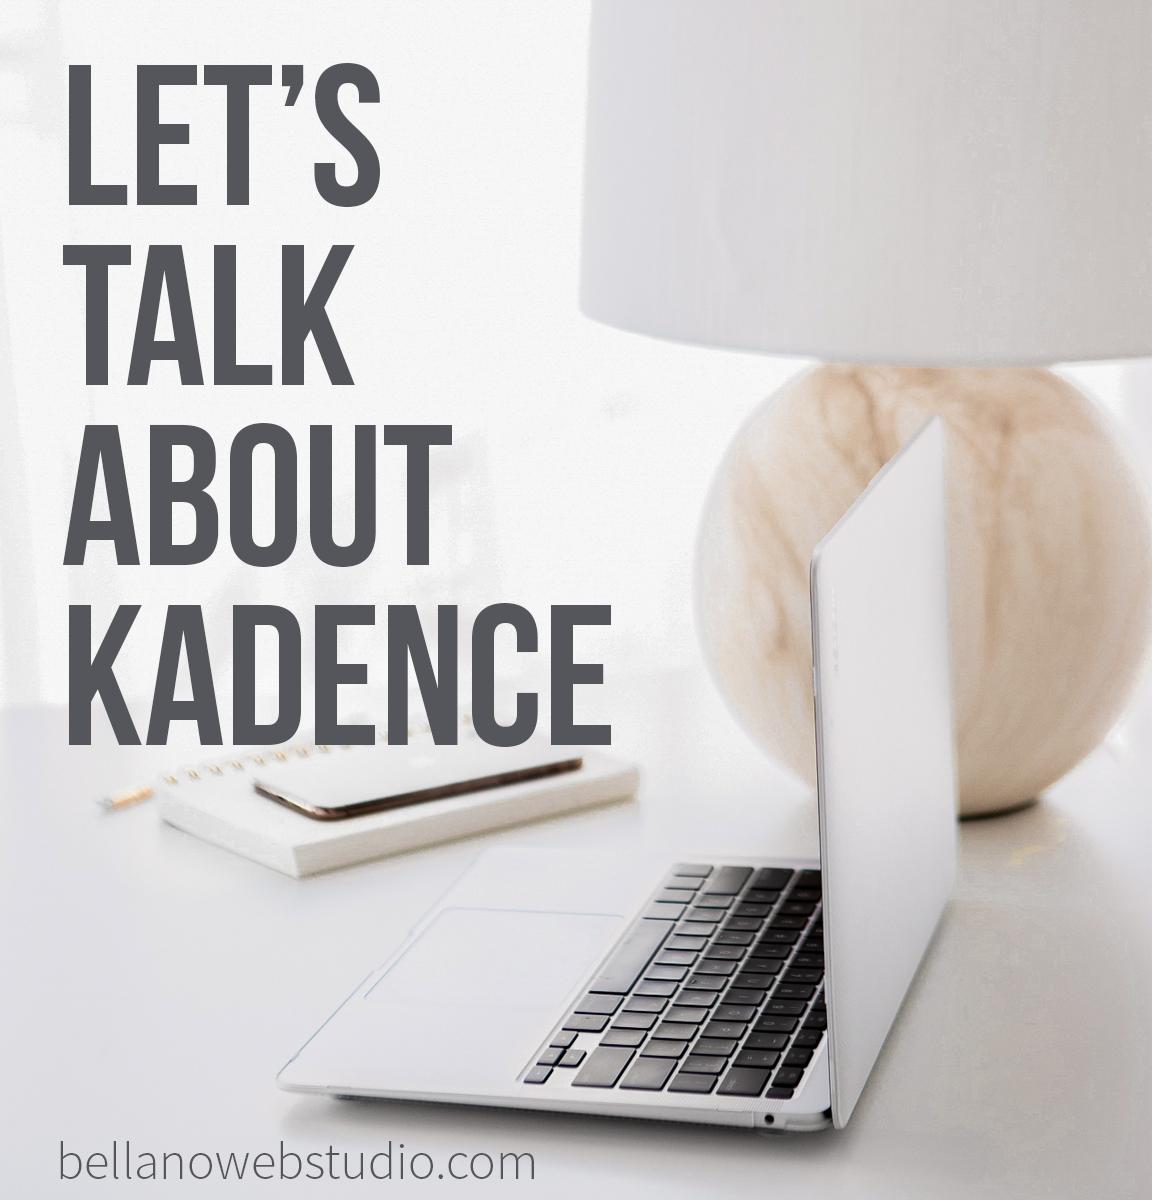 Let's Talk About Kadence